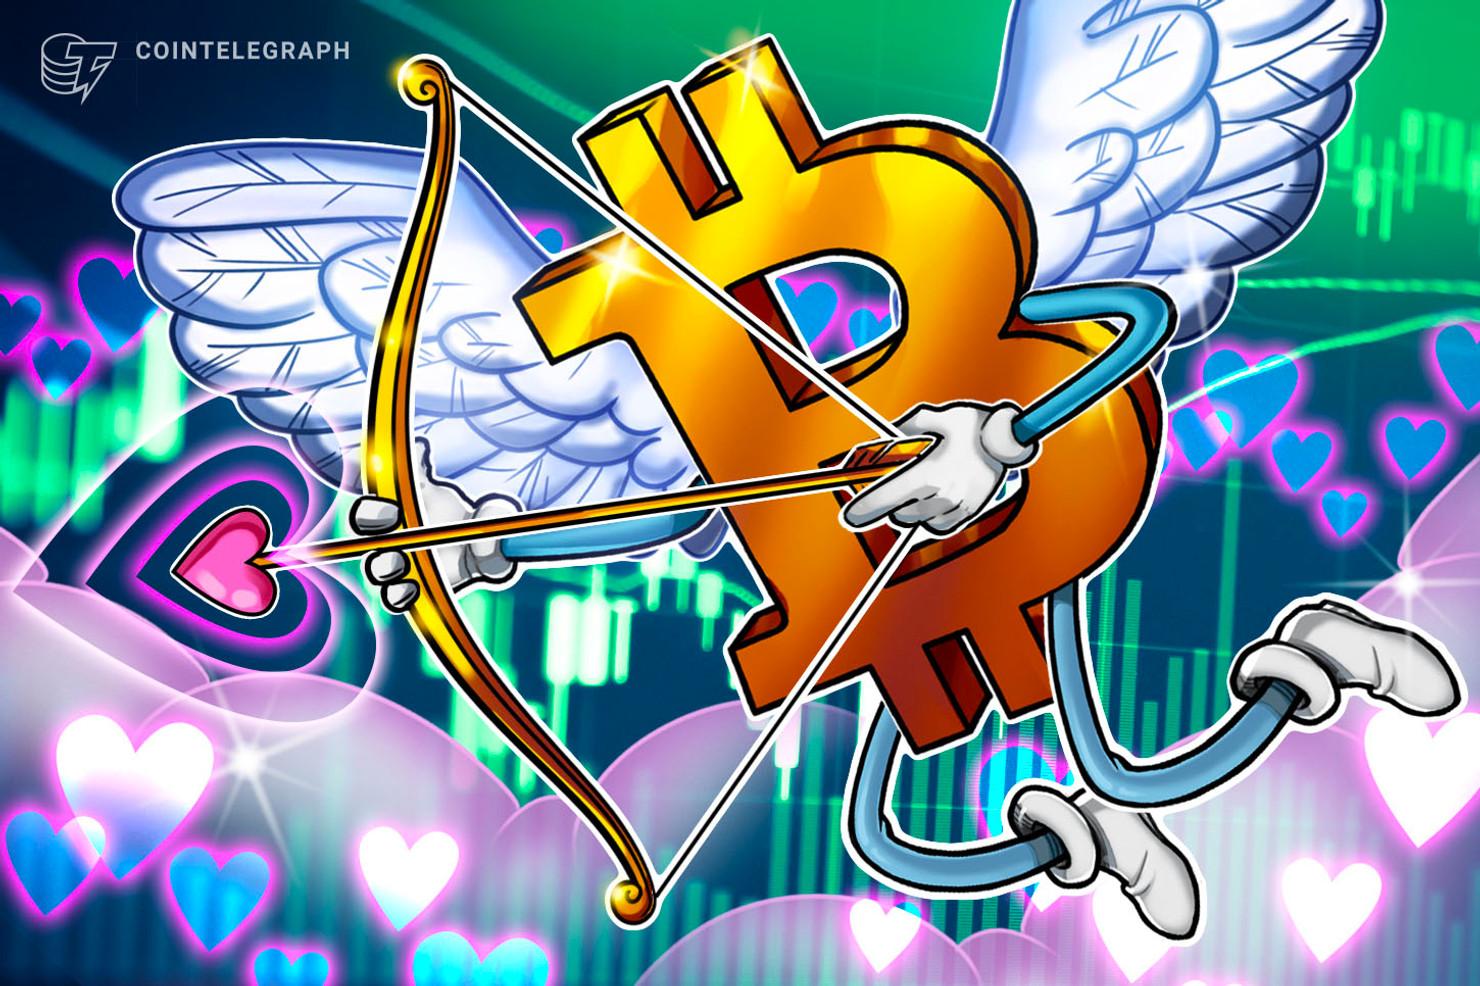 El precio de Bitcoin ama el día de San Valentín, ya que los datos históricos favorecen a los alcistas